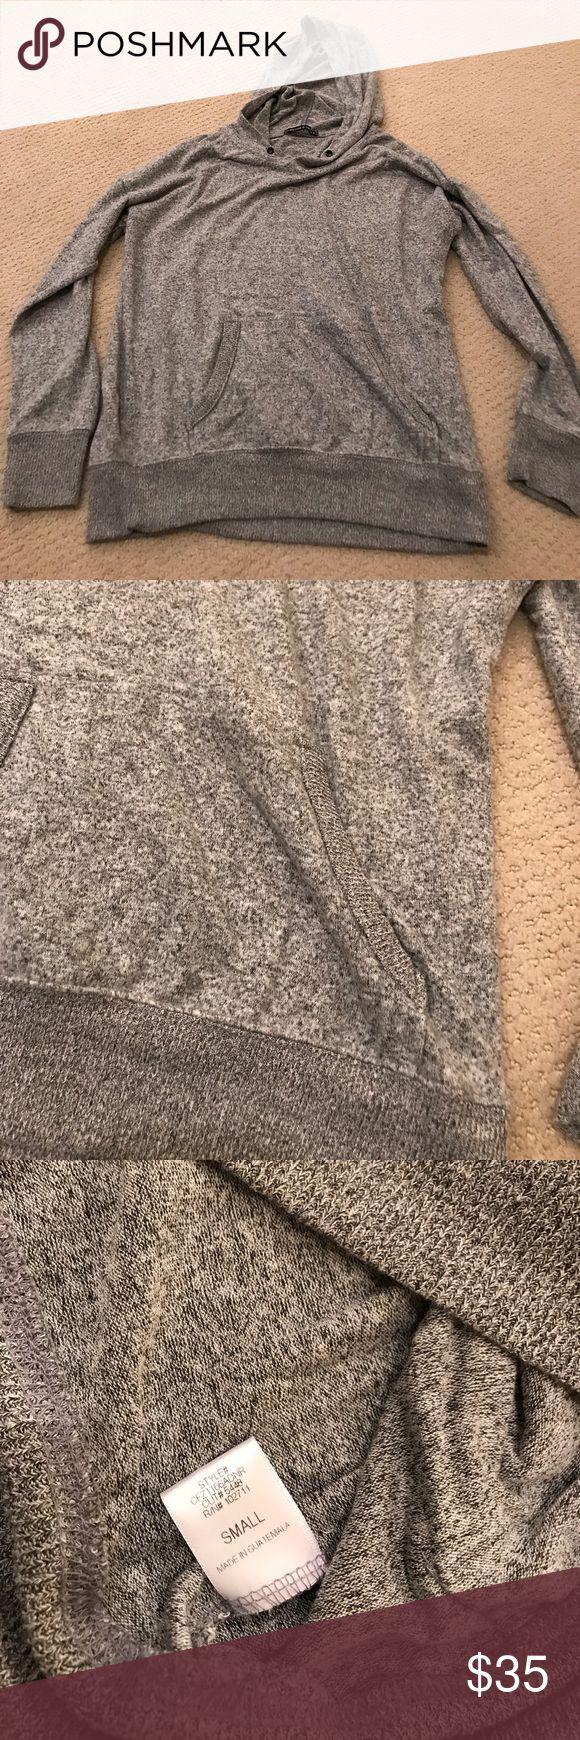 Soft thin hoodie Harlowe & Graham Hoodie Soft No strings in hood Size S harlowe & graham Tops Sweatshirts & Hoodies